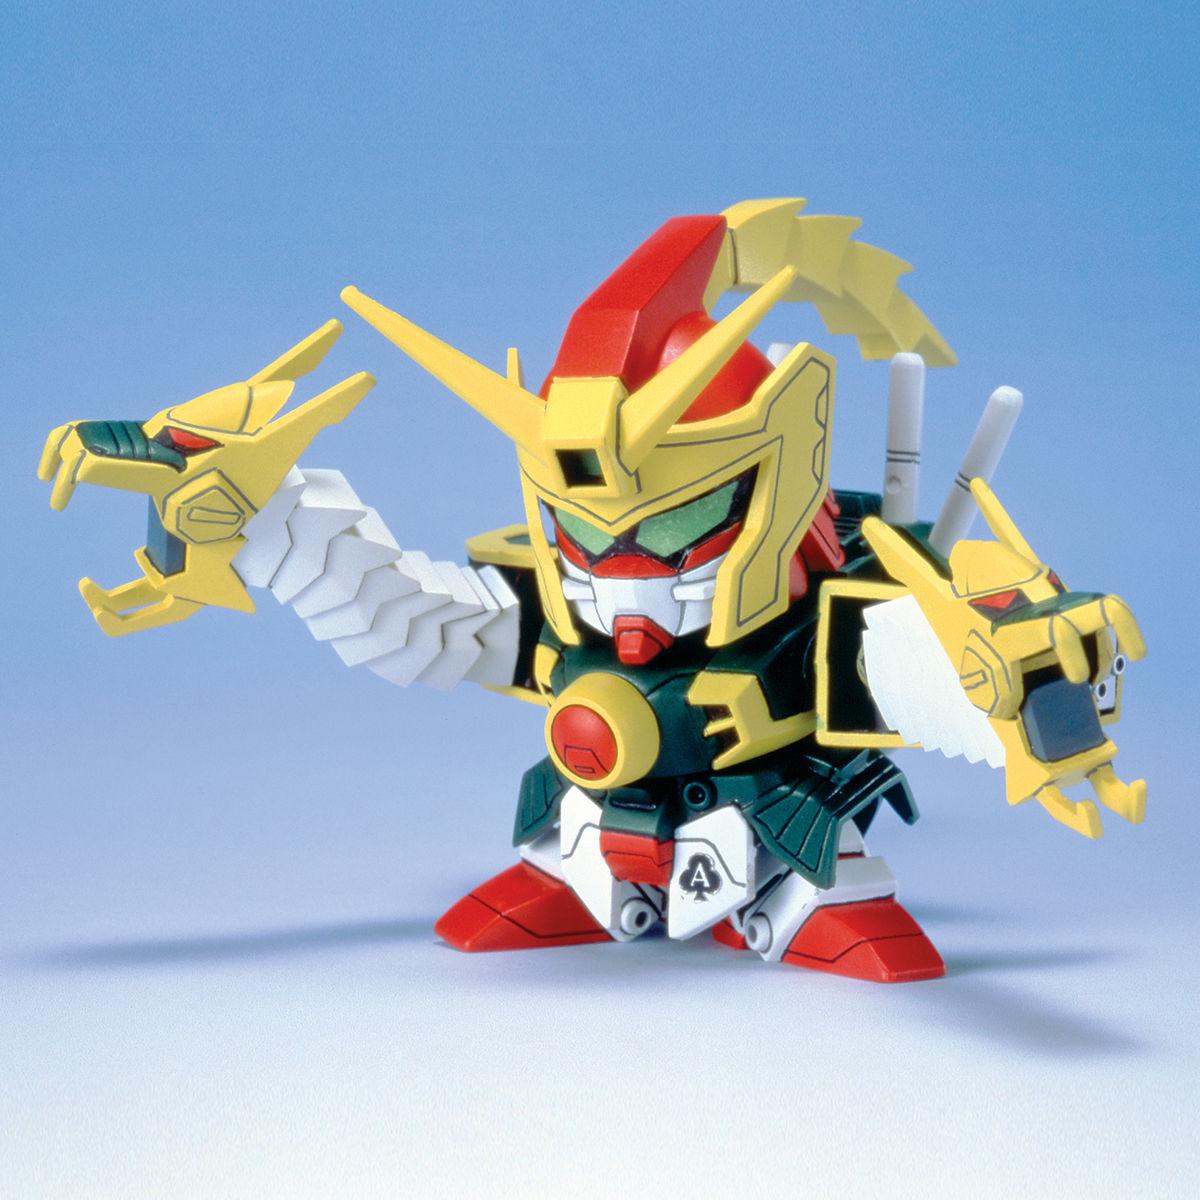 96581SDガンダム GジェネレーションZERO(GGENERATION-0) 026 GF13-011NC ドラゴンガンダム(ドラゴンクローモード) [Dragon Gundam (Dragon Claw Mode)] 0074432 5060793